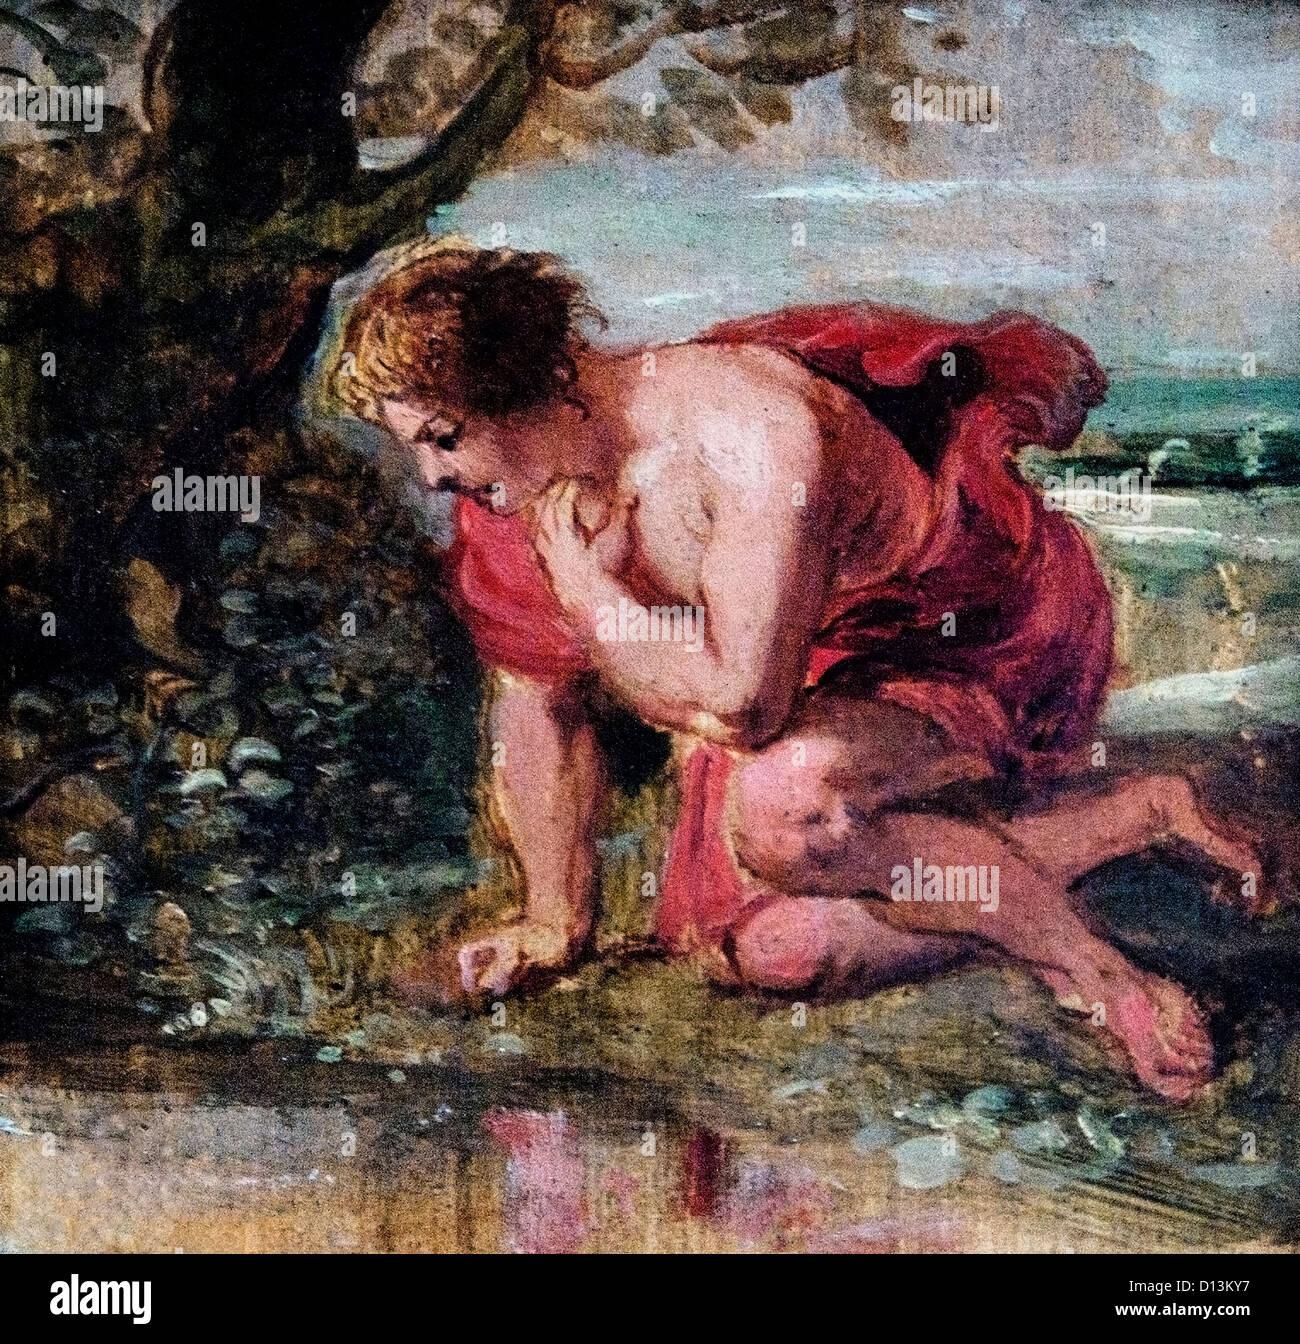 Narcisse tombe amoureux de son propre reflet, Peter Paul Rubens 1577 - 1640 Belgique esquisse pour la Torre Parada Photo Stock